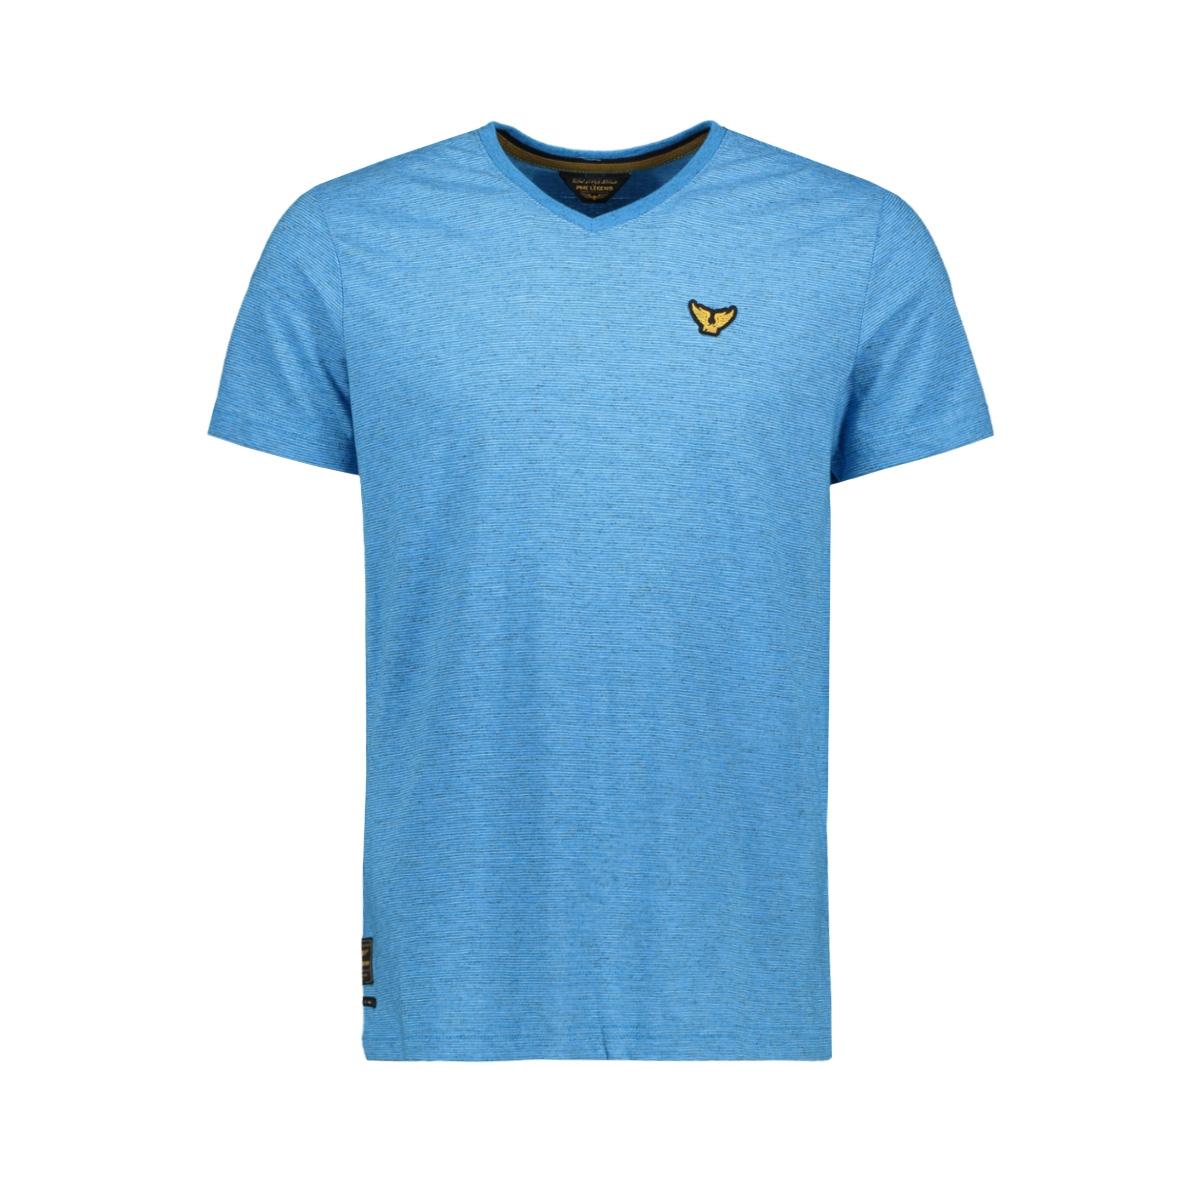 short sleeve striped jersey ptss201551 pme legend t-shirt 5177